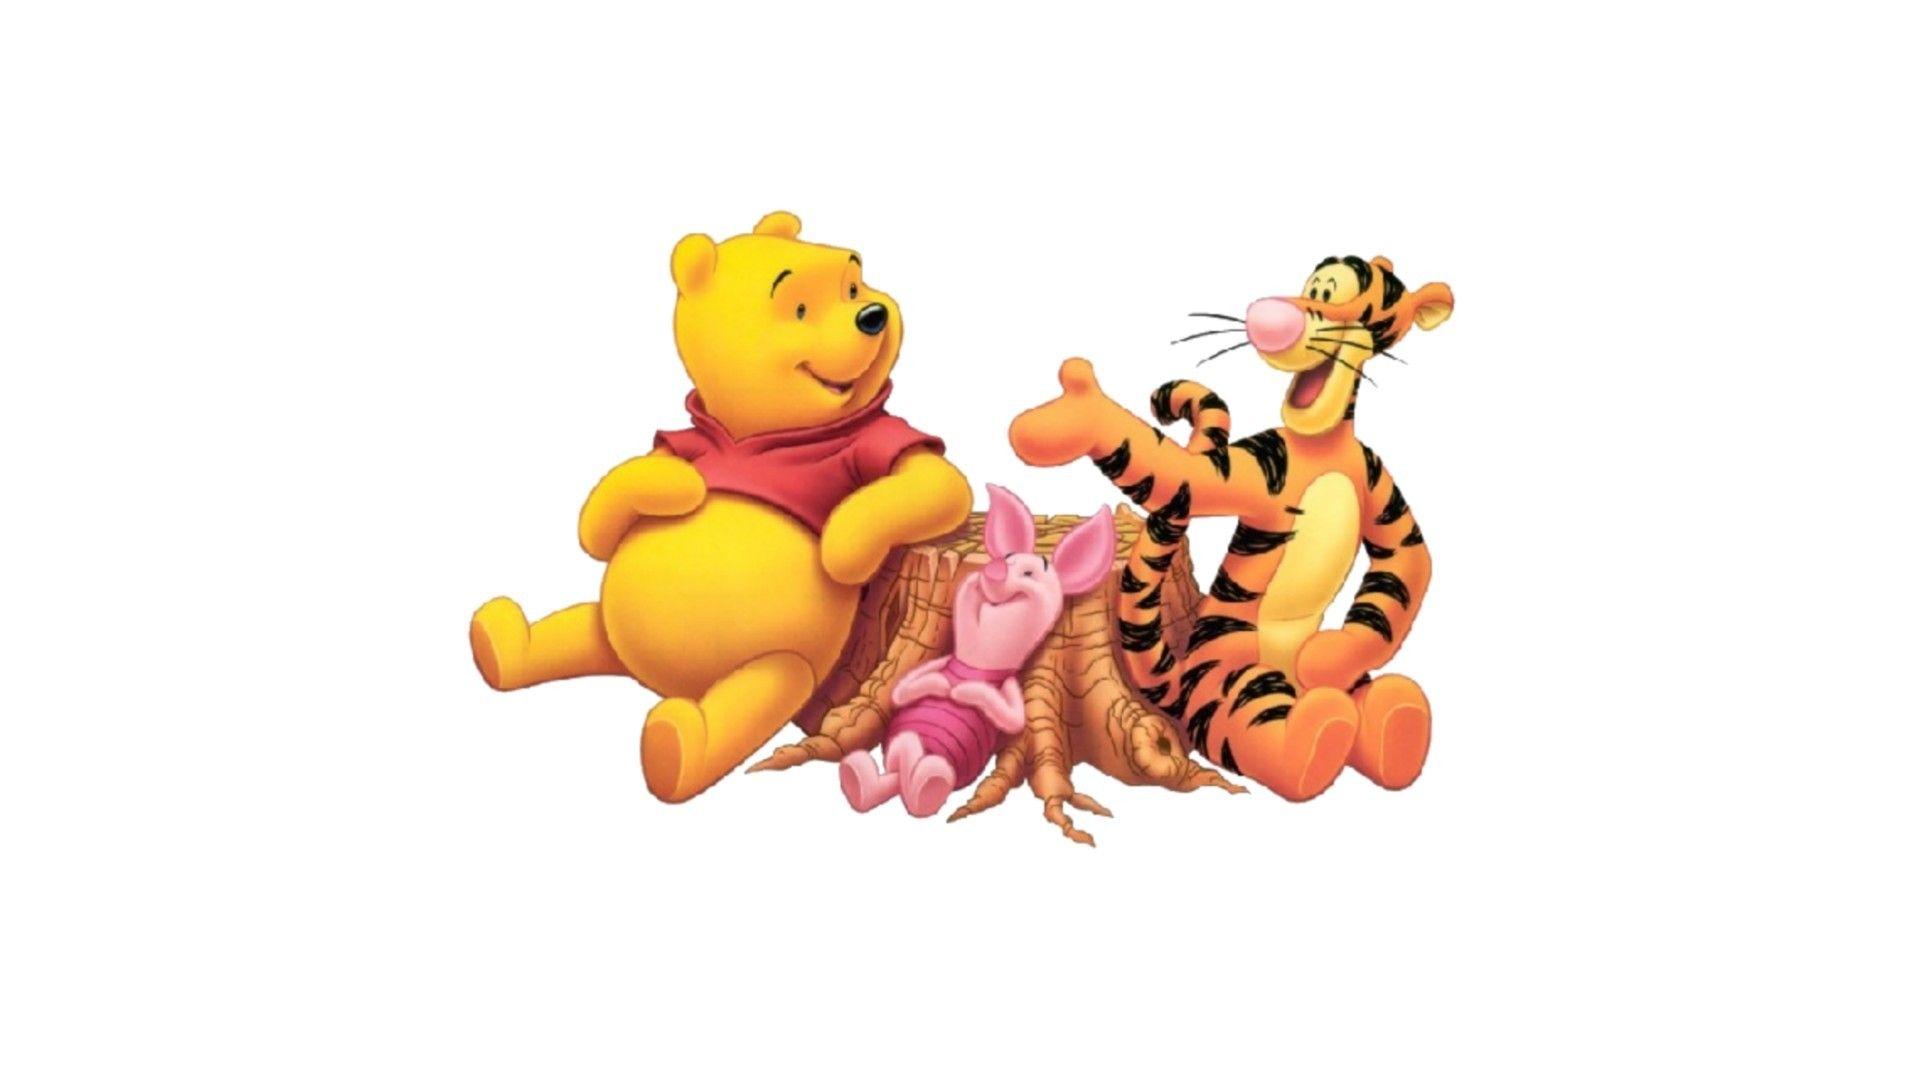 Wallpaper Pc Winnie The Pooh Piglet Tiger Di 2020